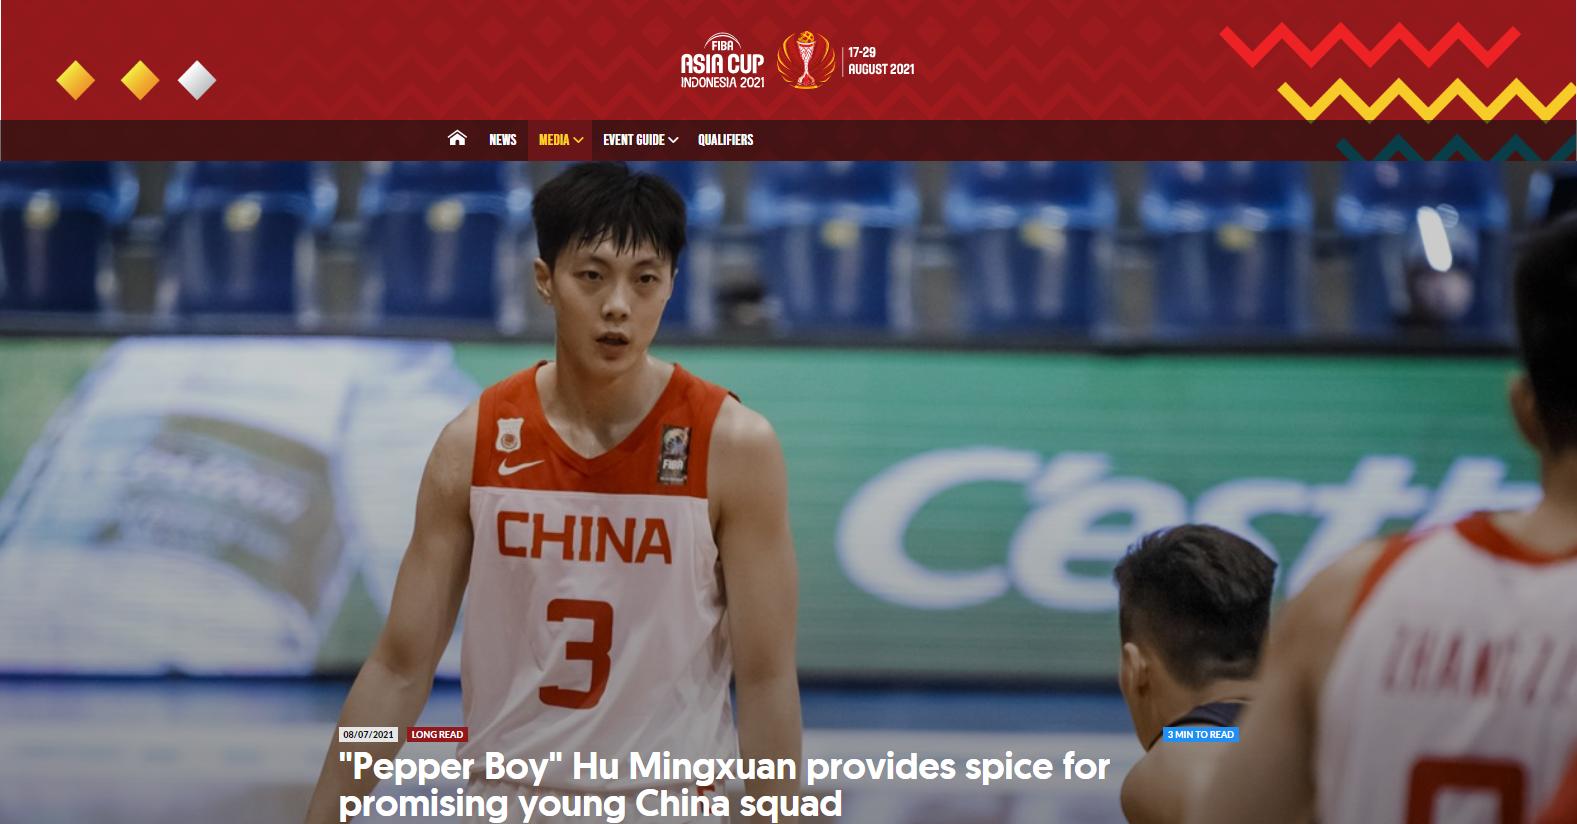 图片来源:国际篮联亚洲官网截图。